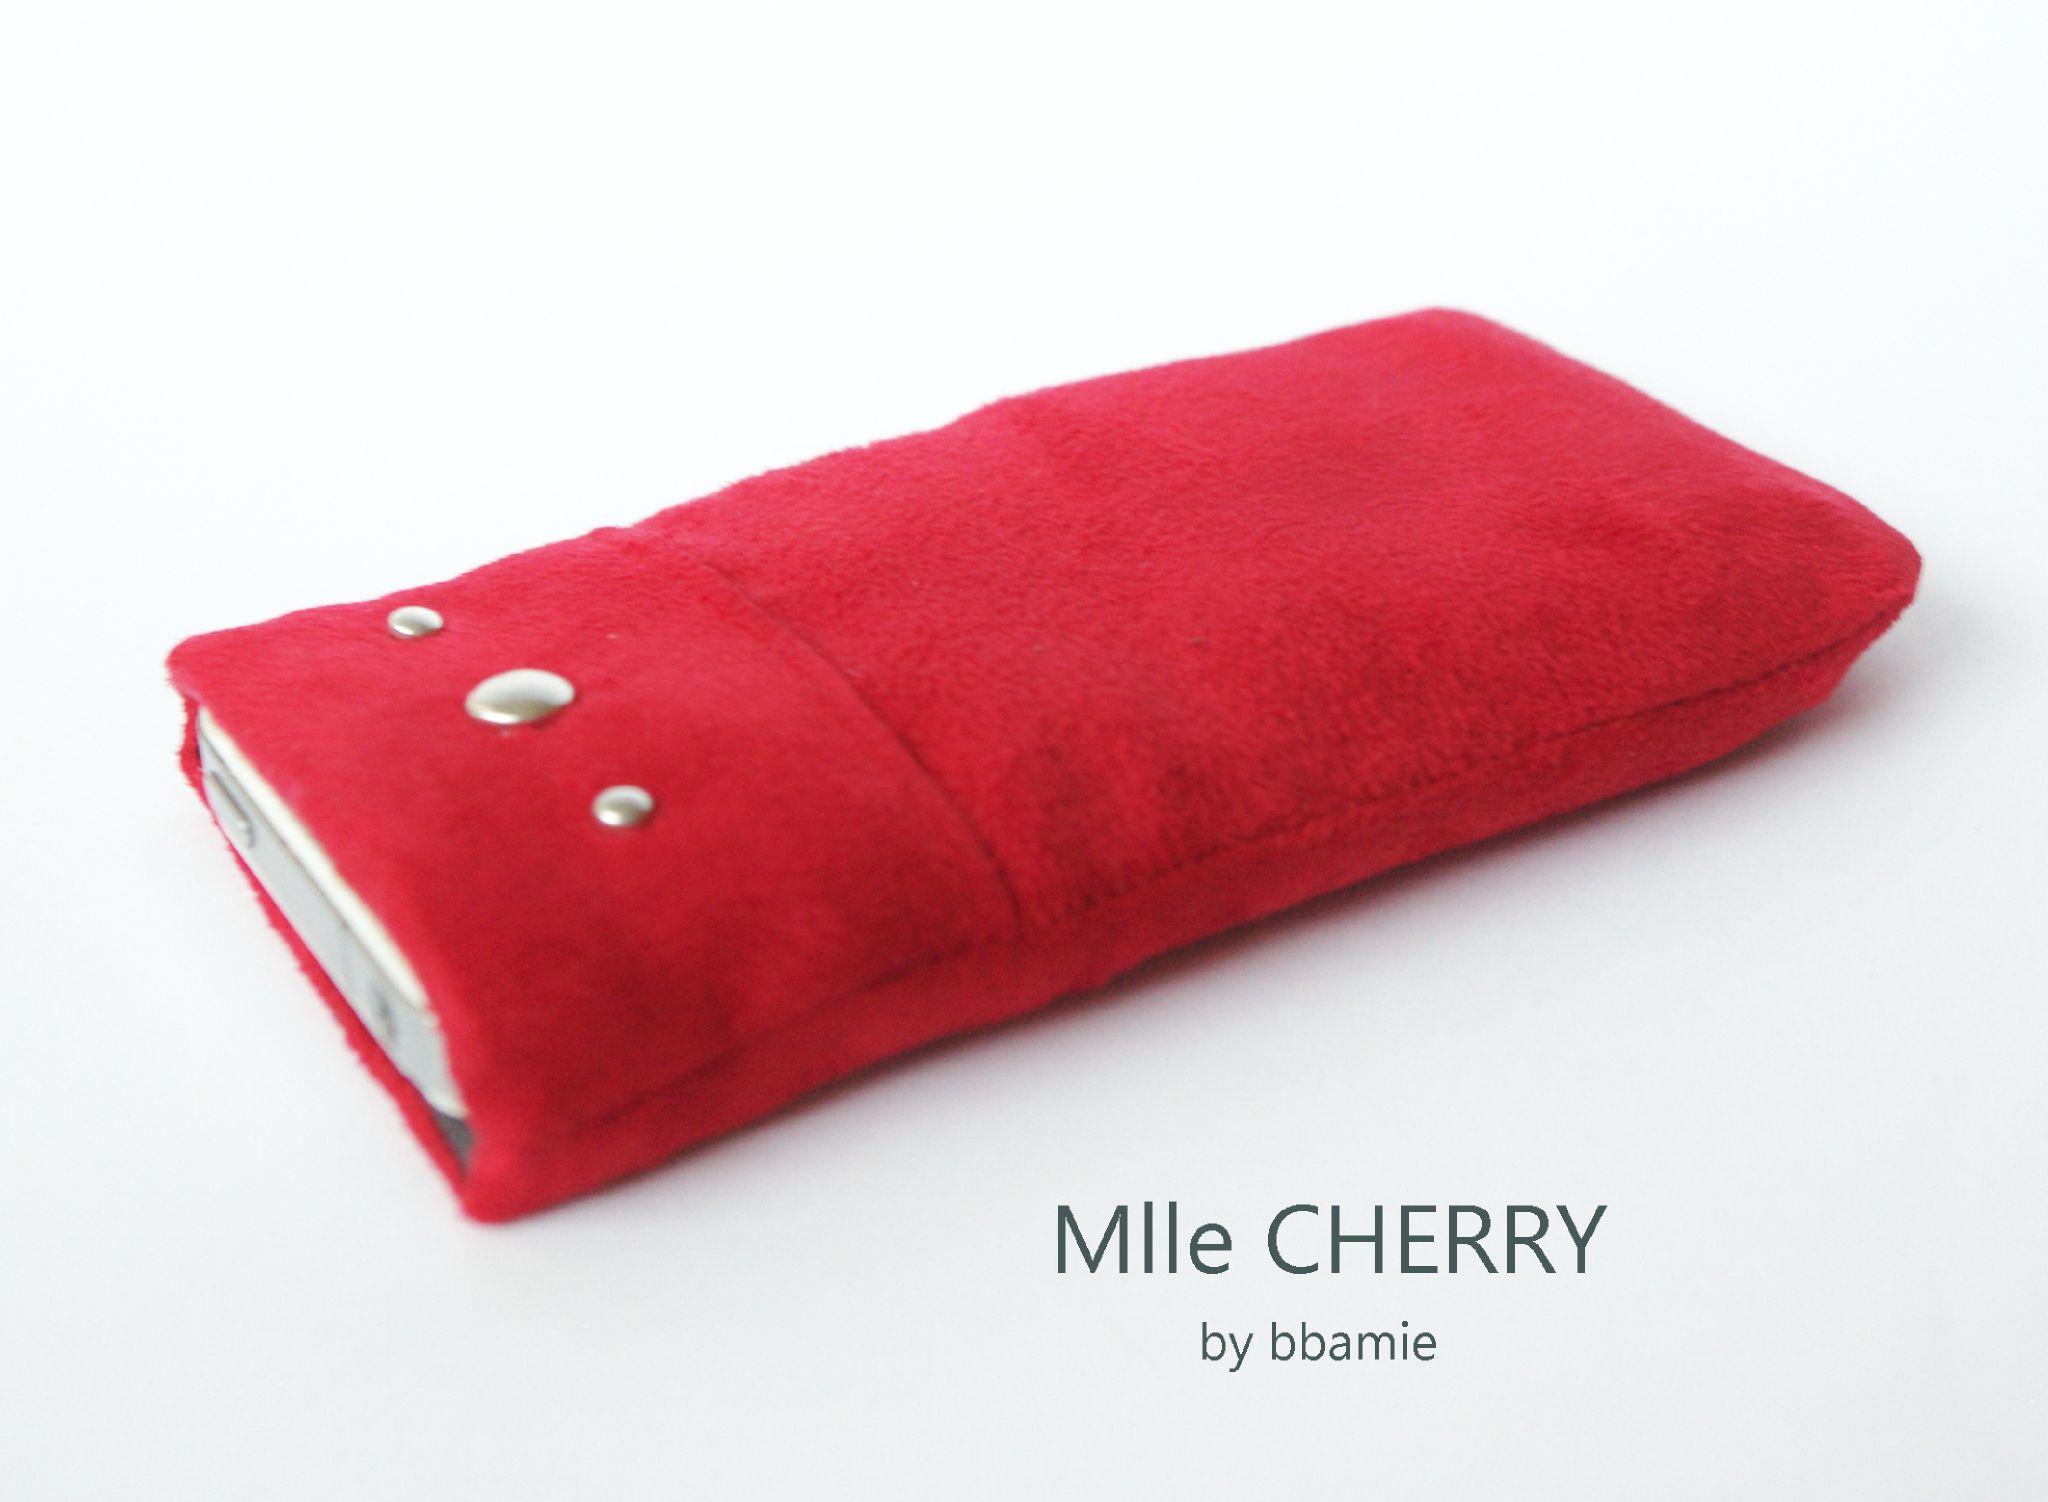 Mlle CHERRY